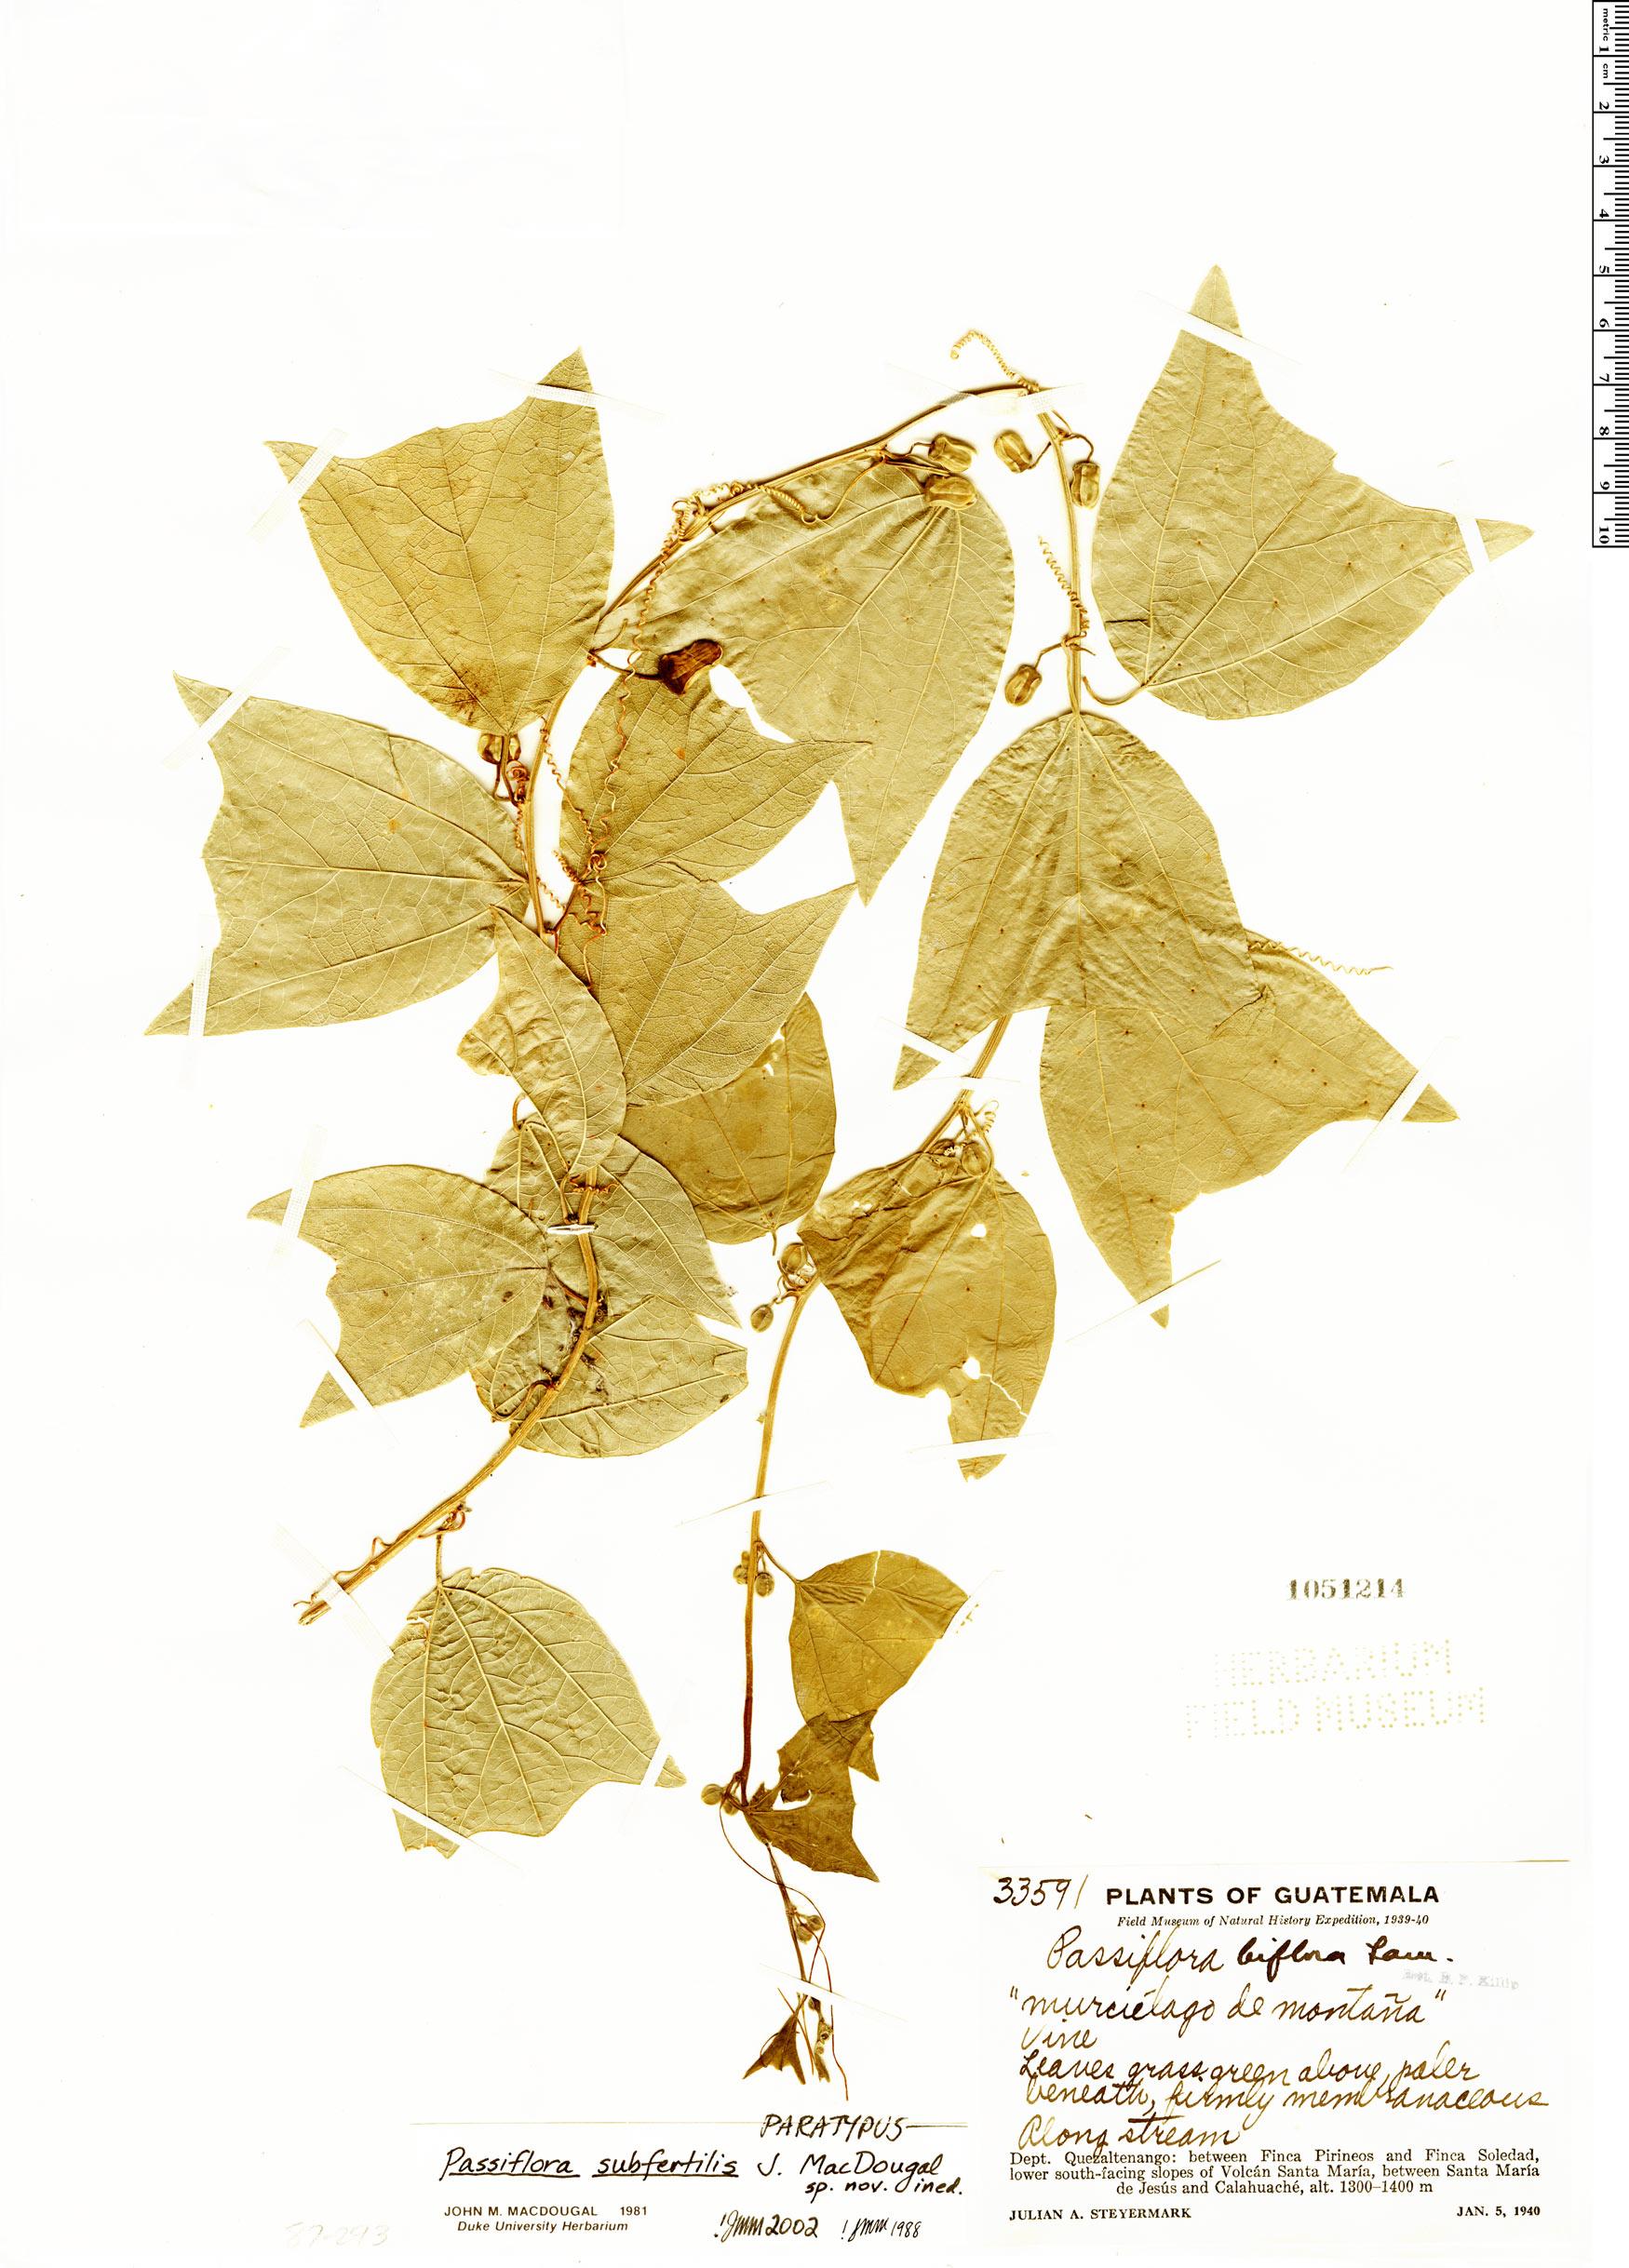 Specimen: Passiflora subfertilis